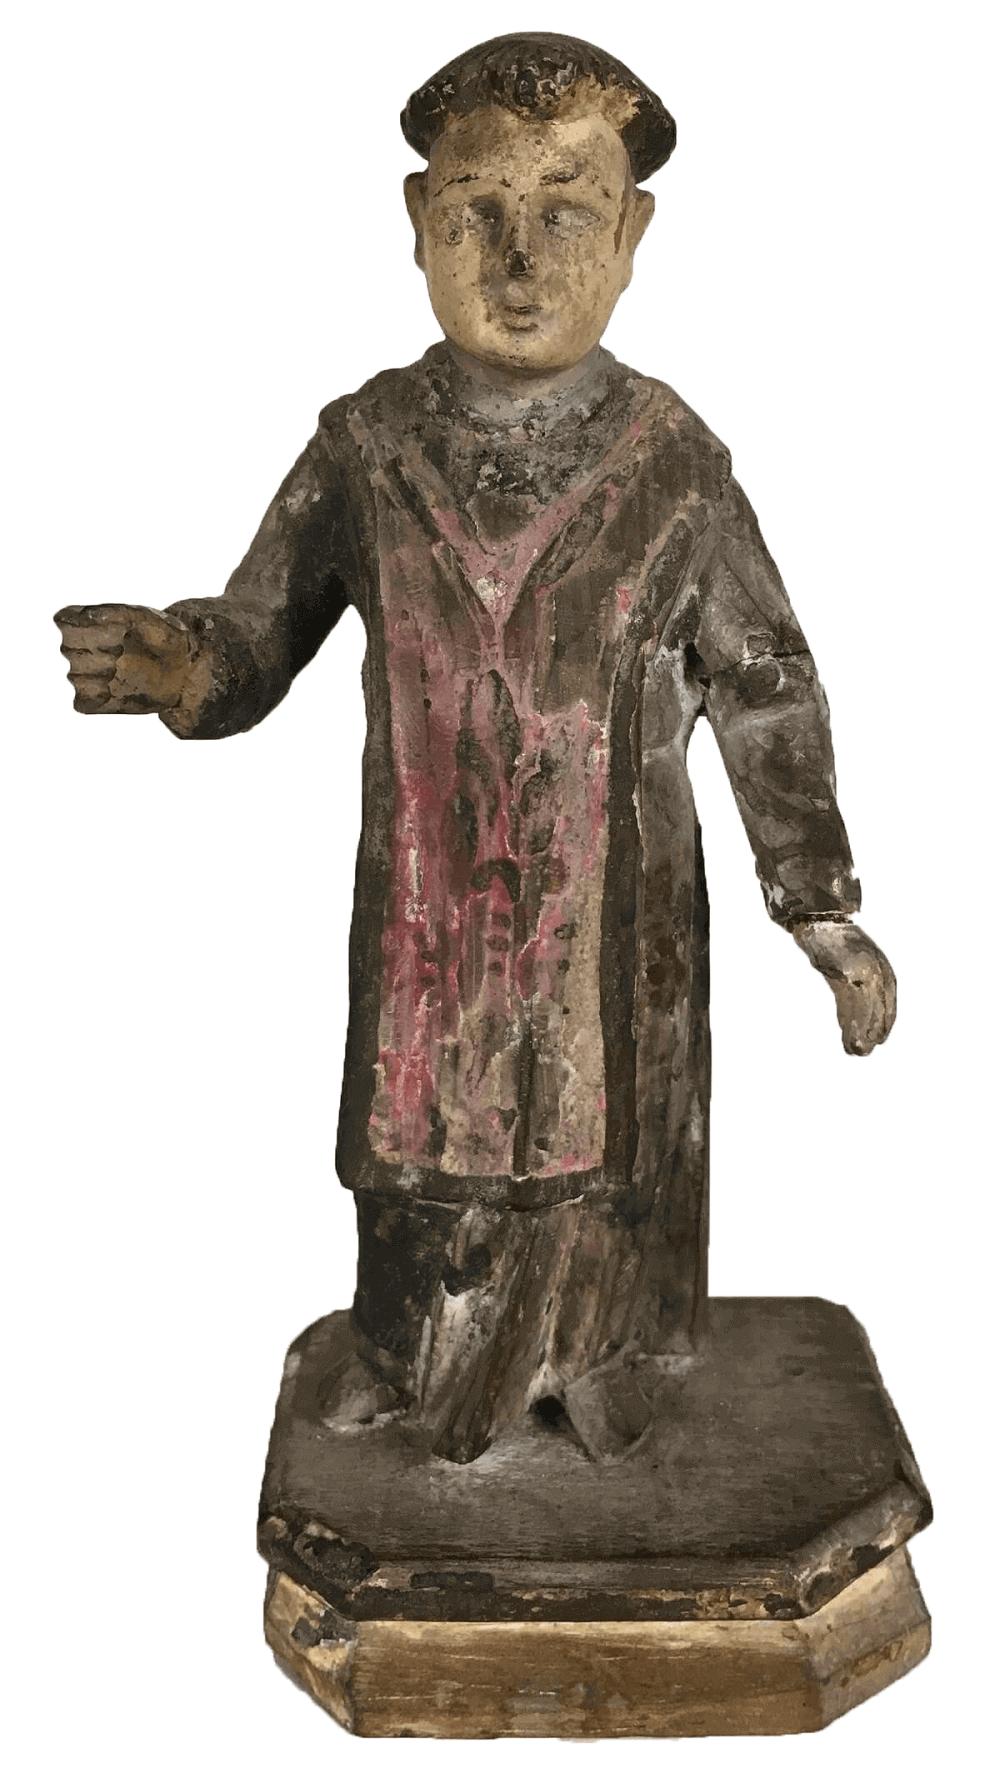 Santo Antigo Em Madeira Arte Sacra 14cm Altura